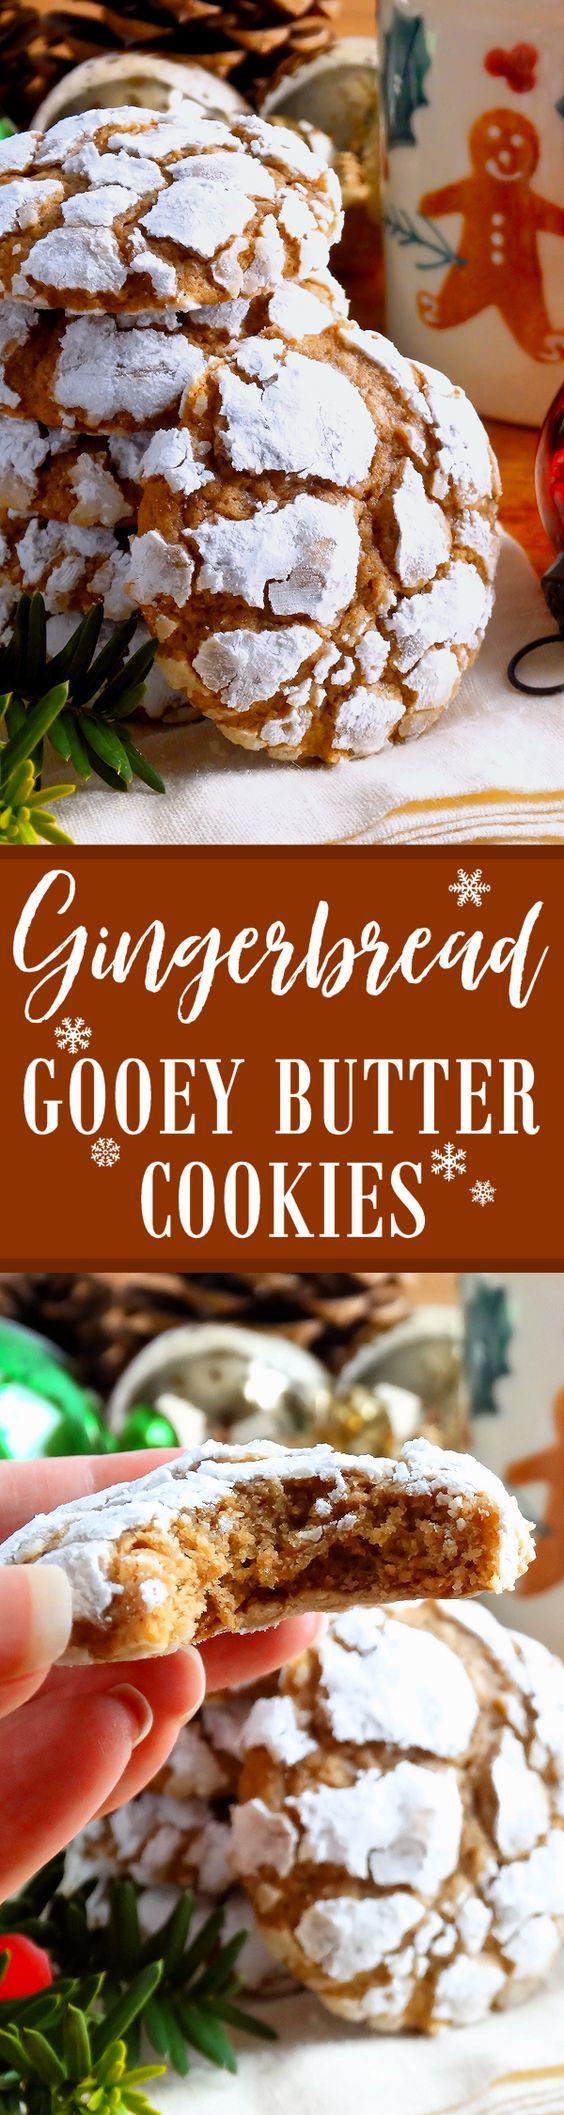 Gingerbread Gooey Butter Cookies